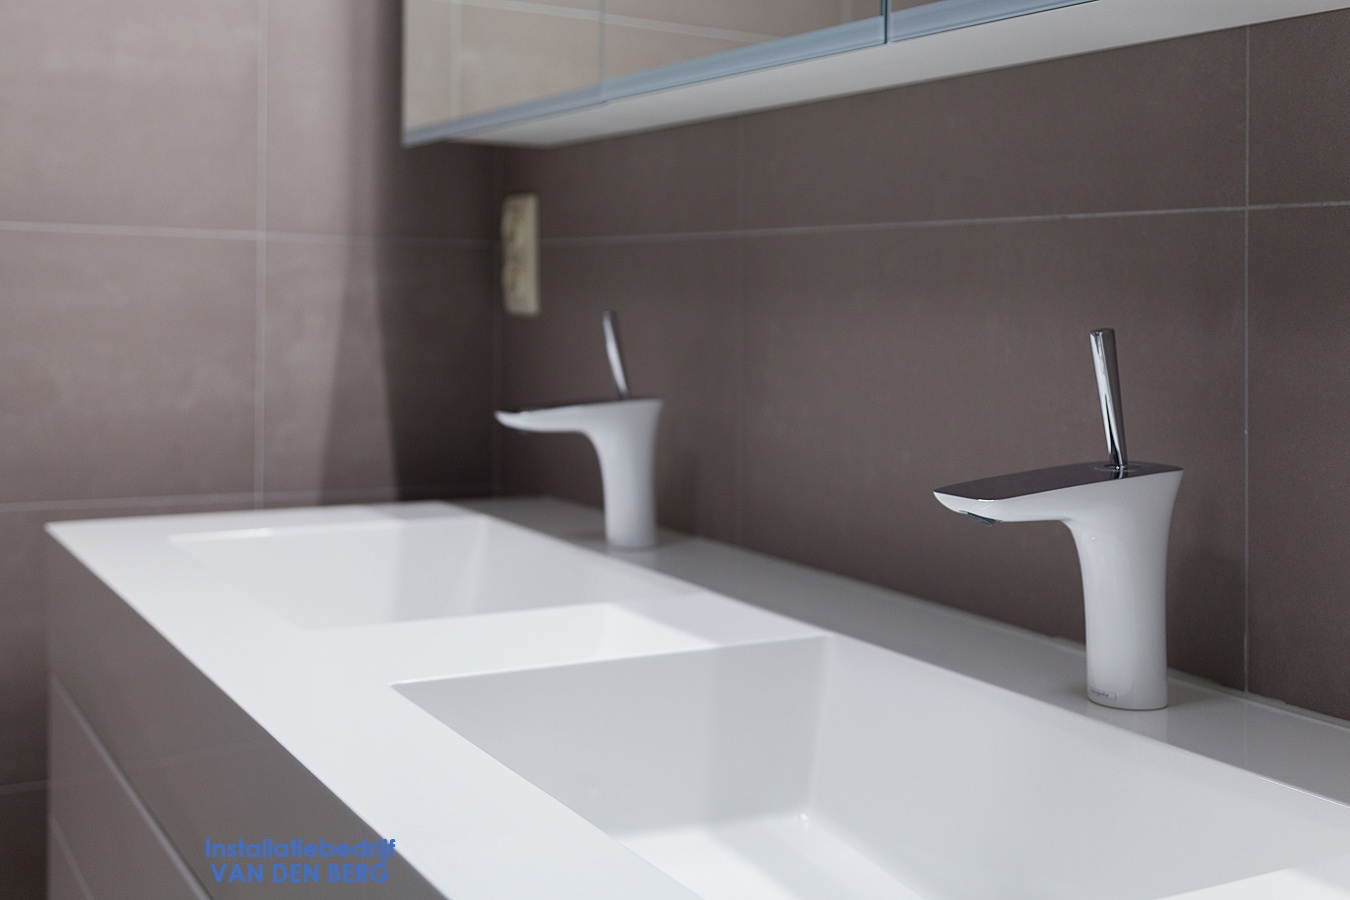 Badkamer Verwarming Vasco : Verwarming sanitair badkamers installatiebedrijf van den berg